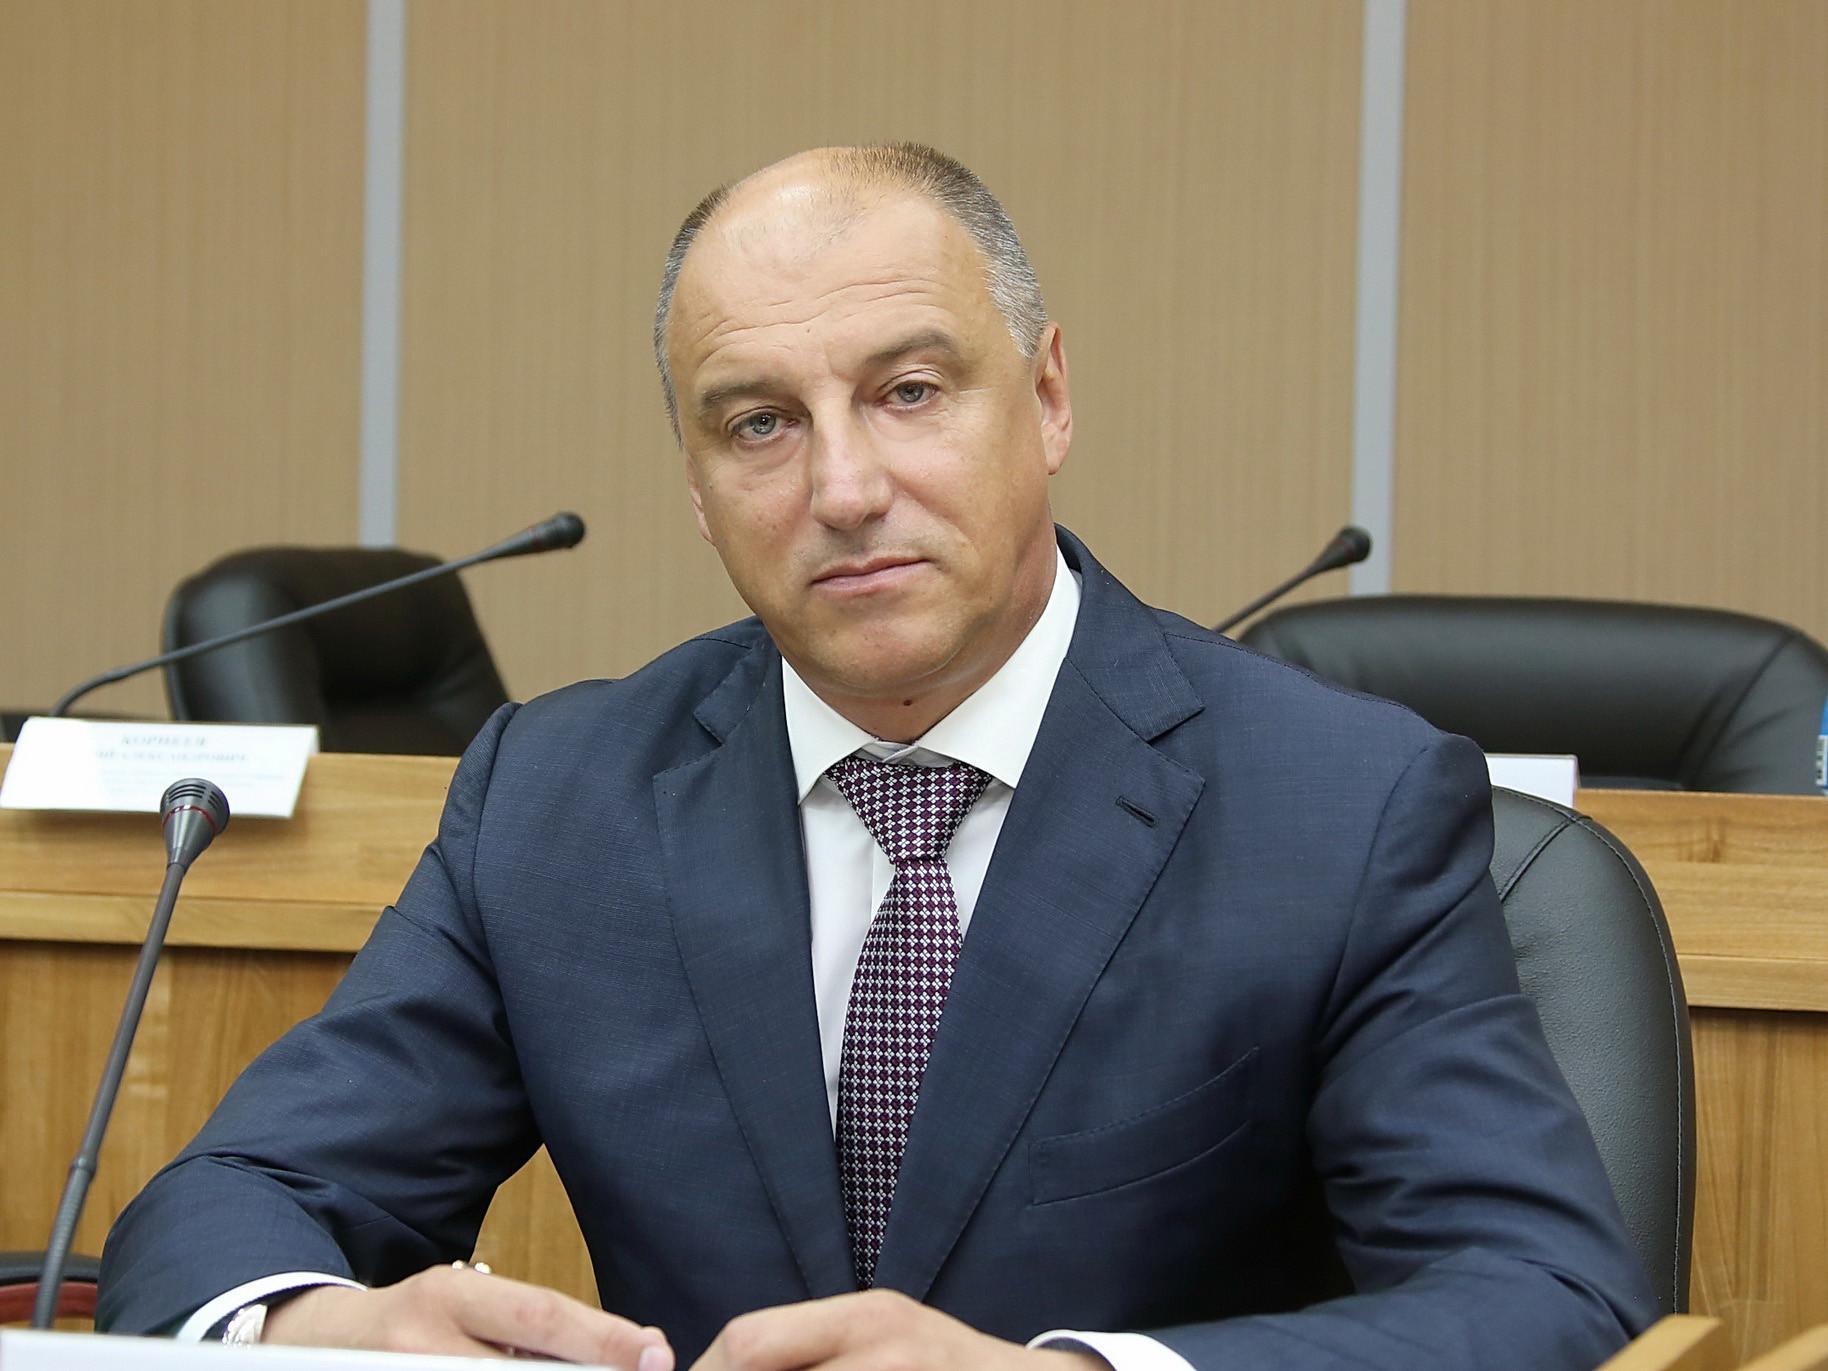 Многомиллиардный бизнес отбирают у депутата Сопчука за обман Кремля